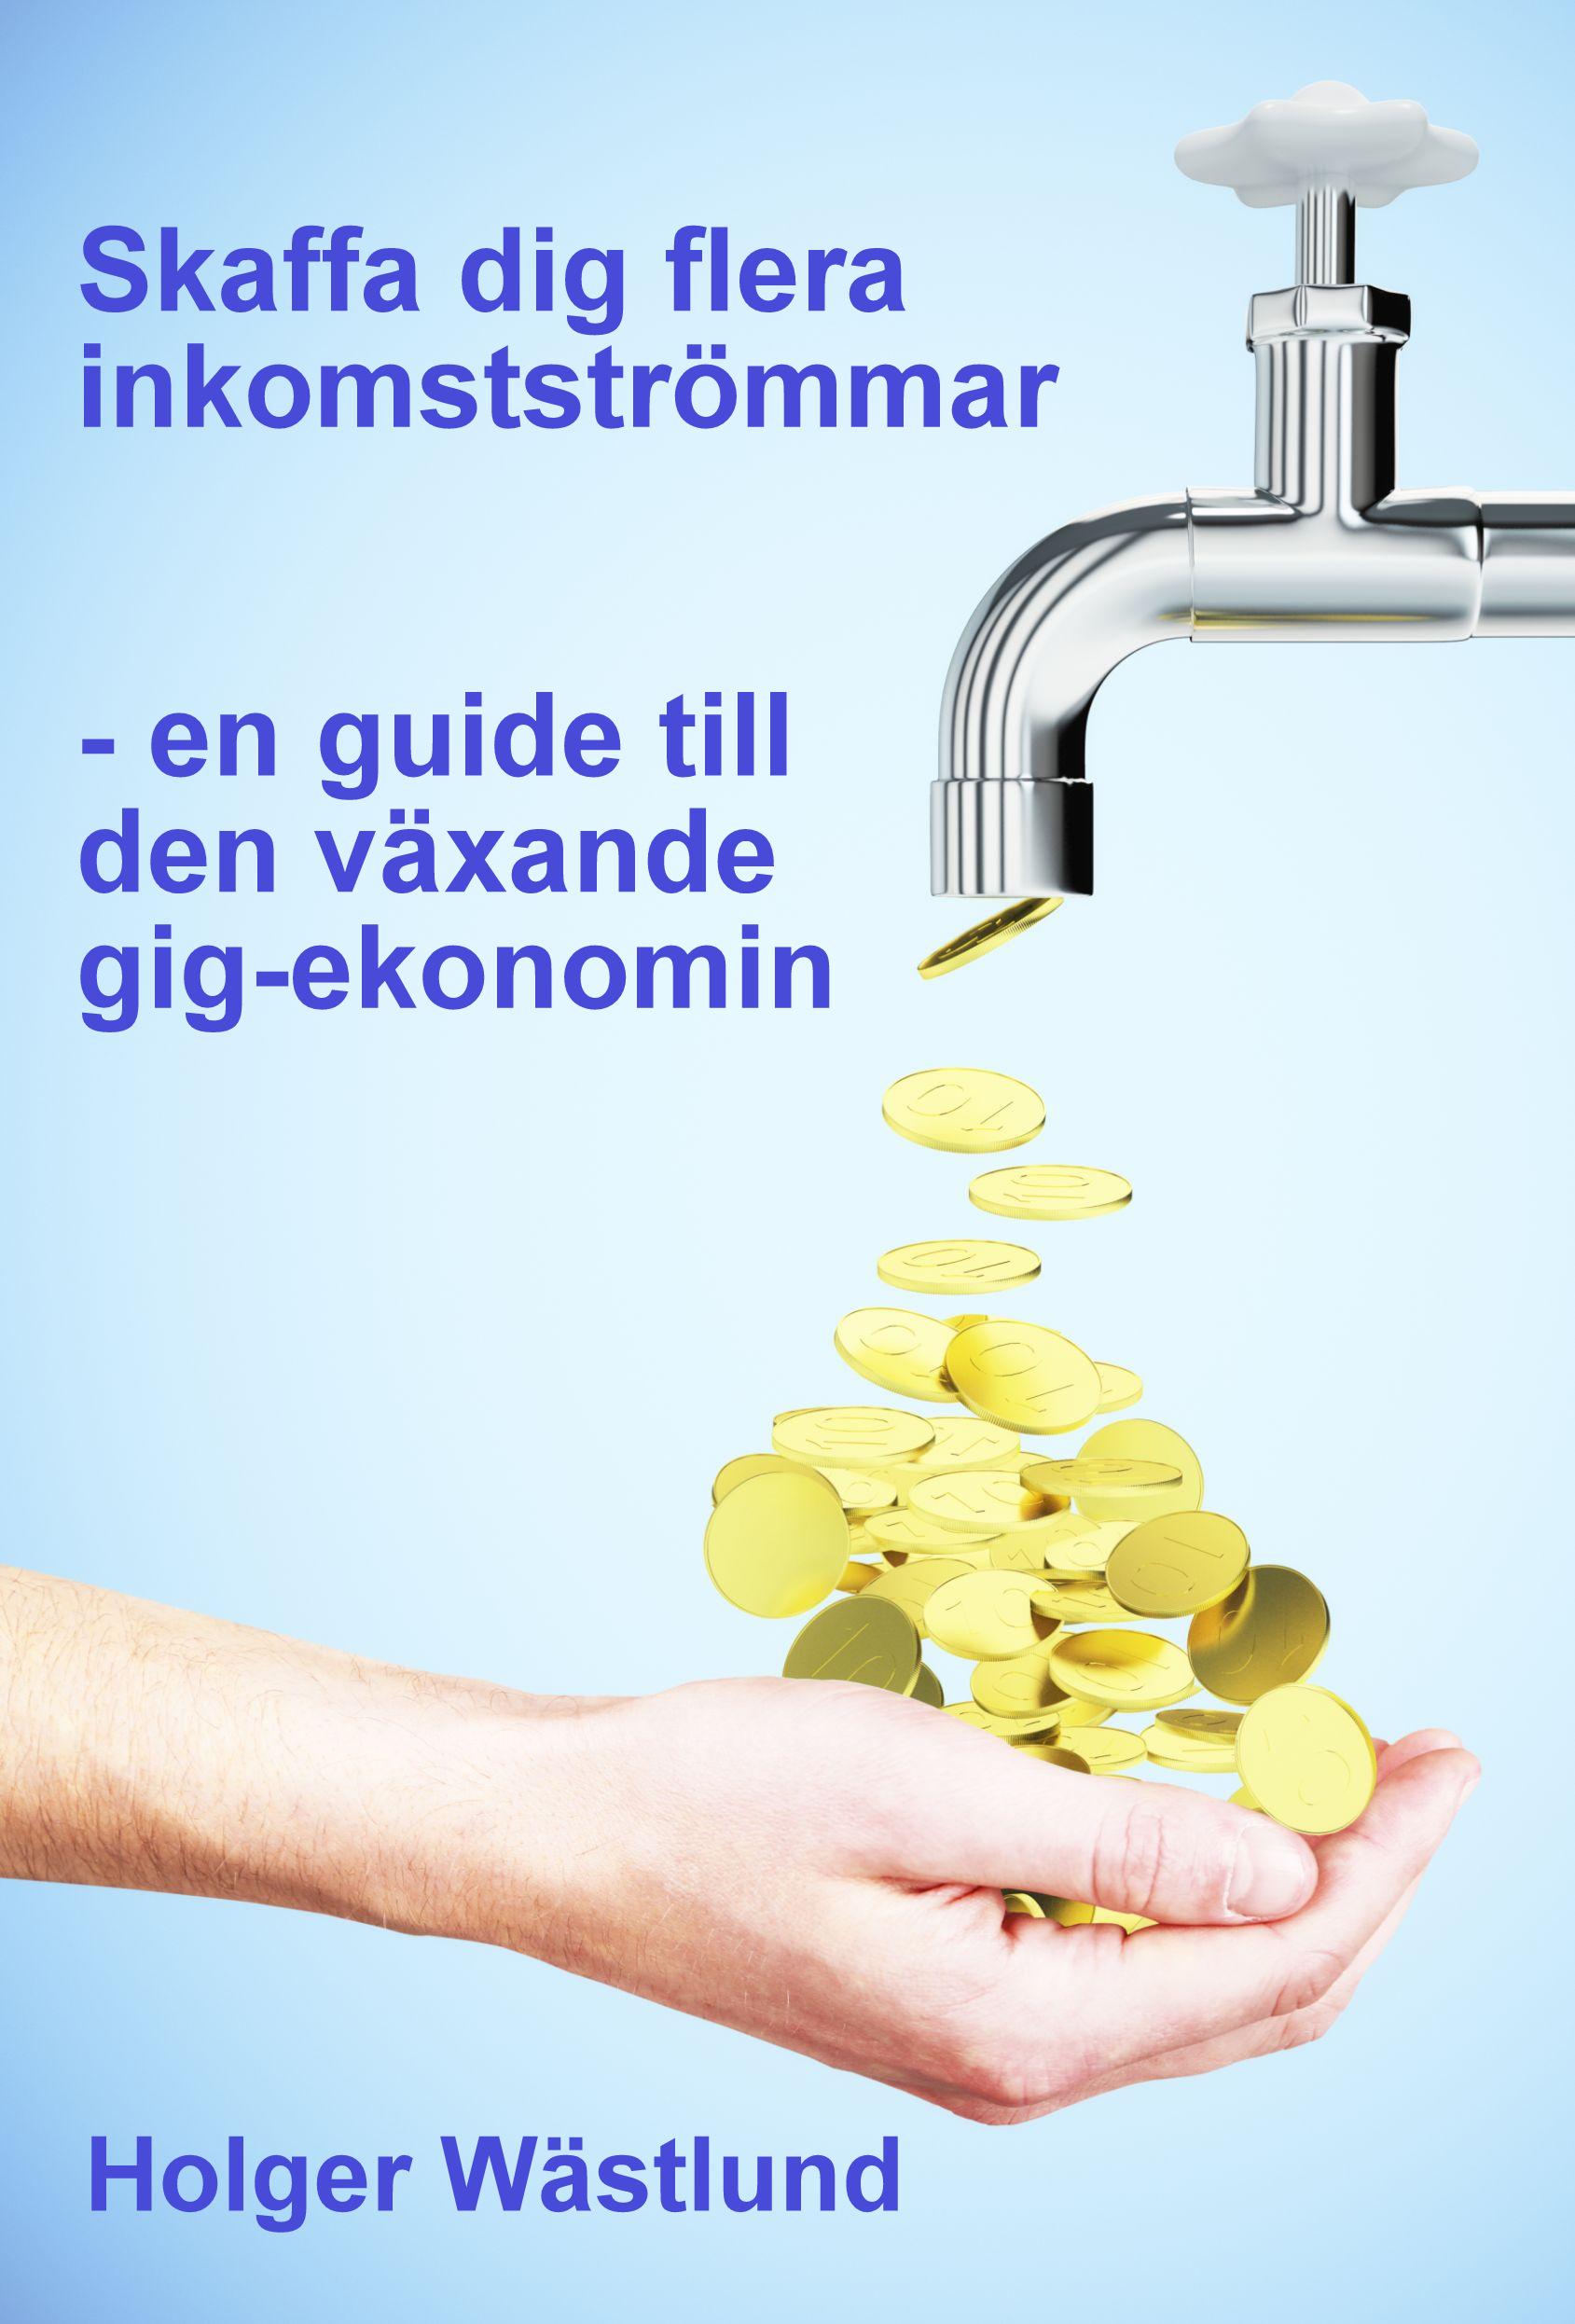 Skaffa dig flera inkomstströmmar -  en guide till den växande gig-ekonomin av Holger Wästlund